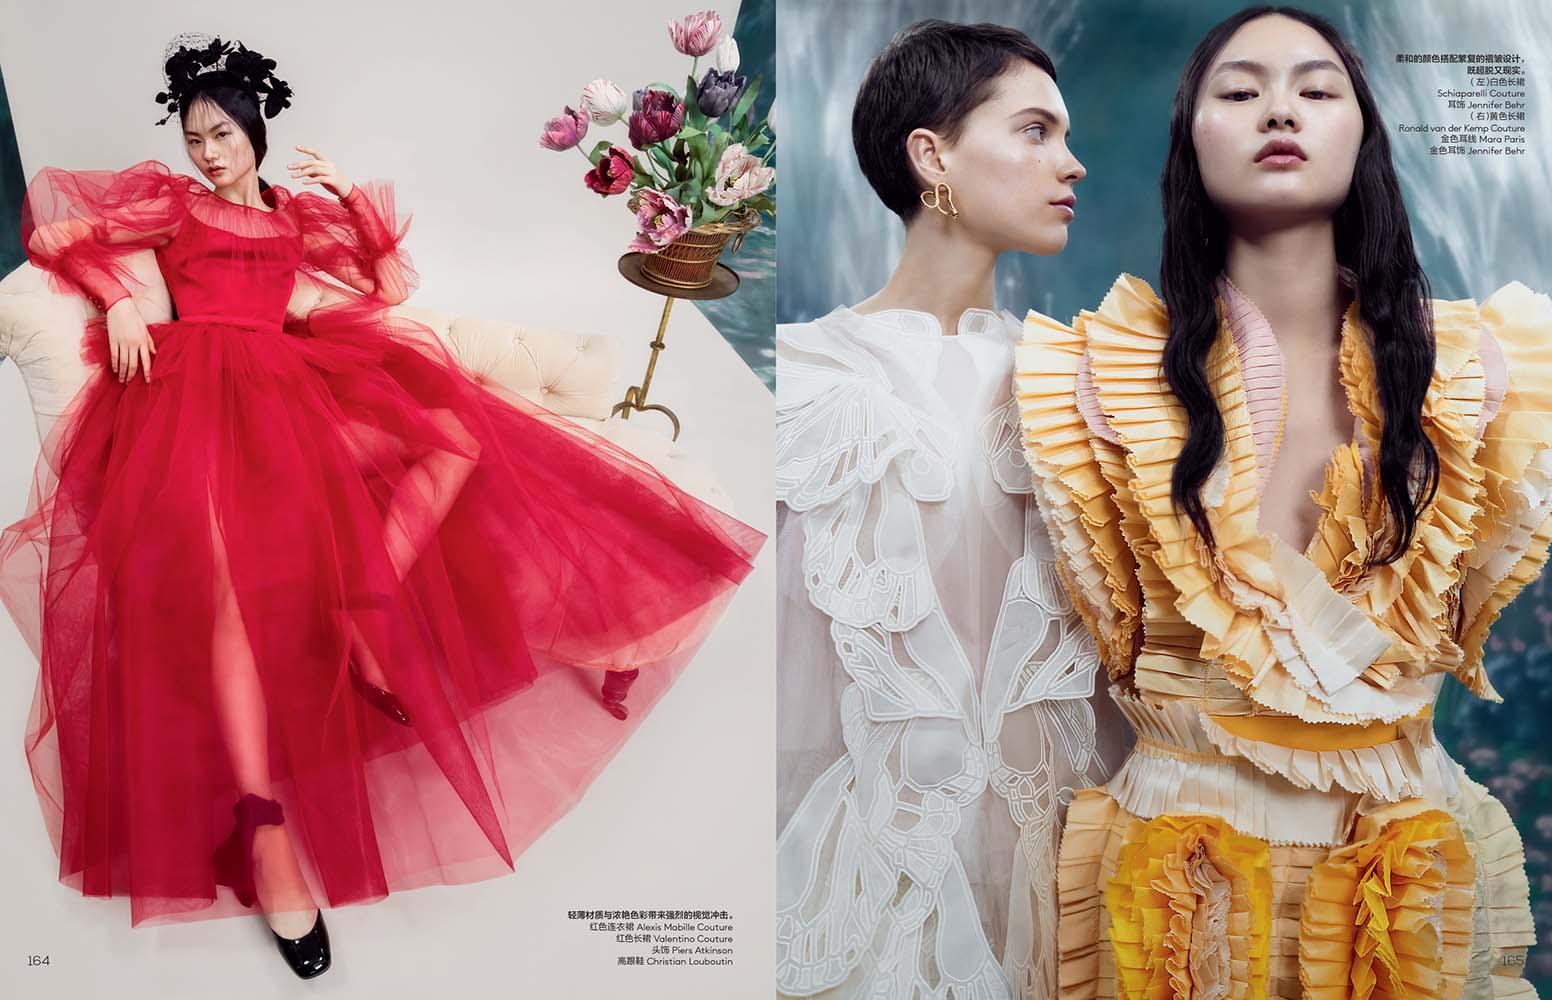 Vogue China by Shaun Beyen